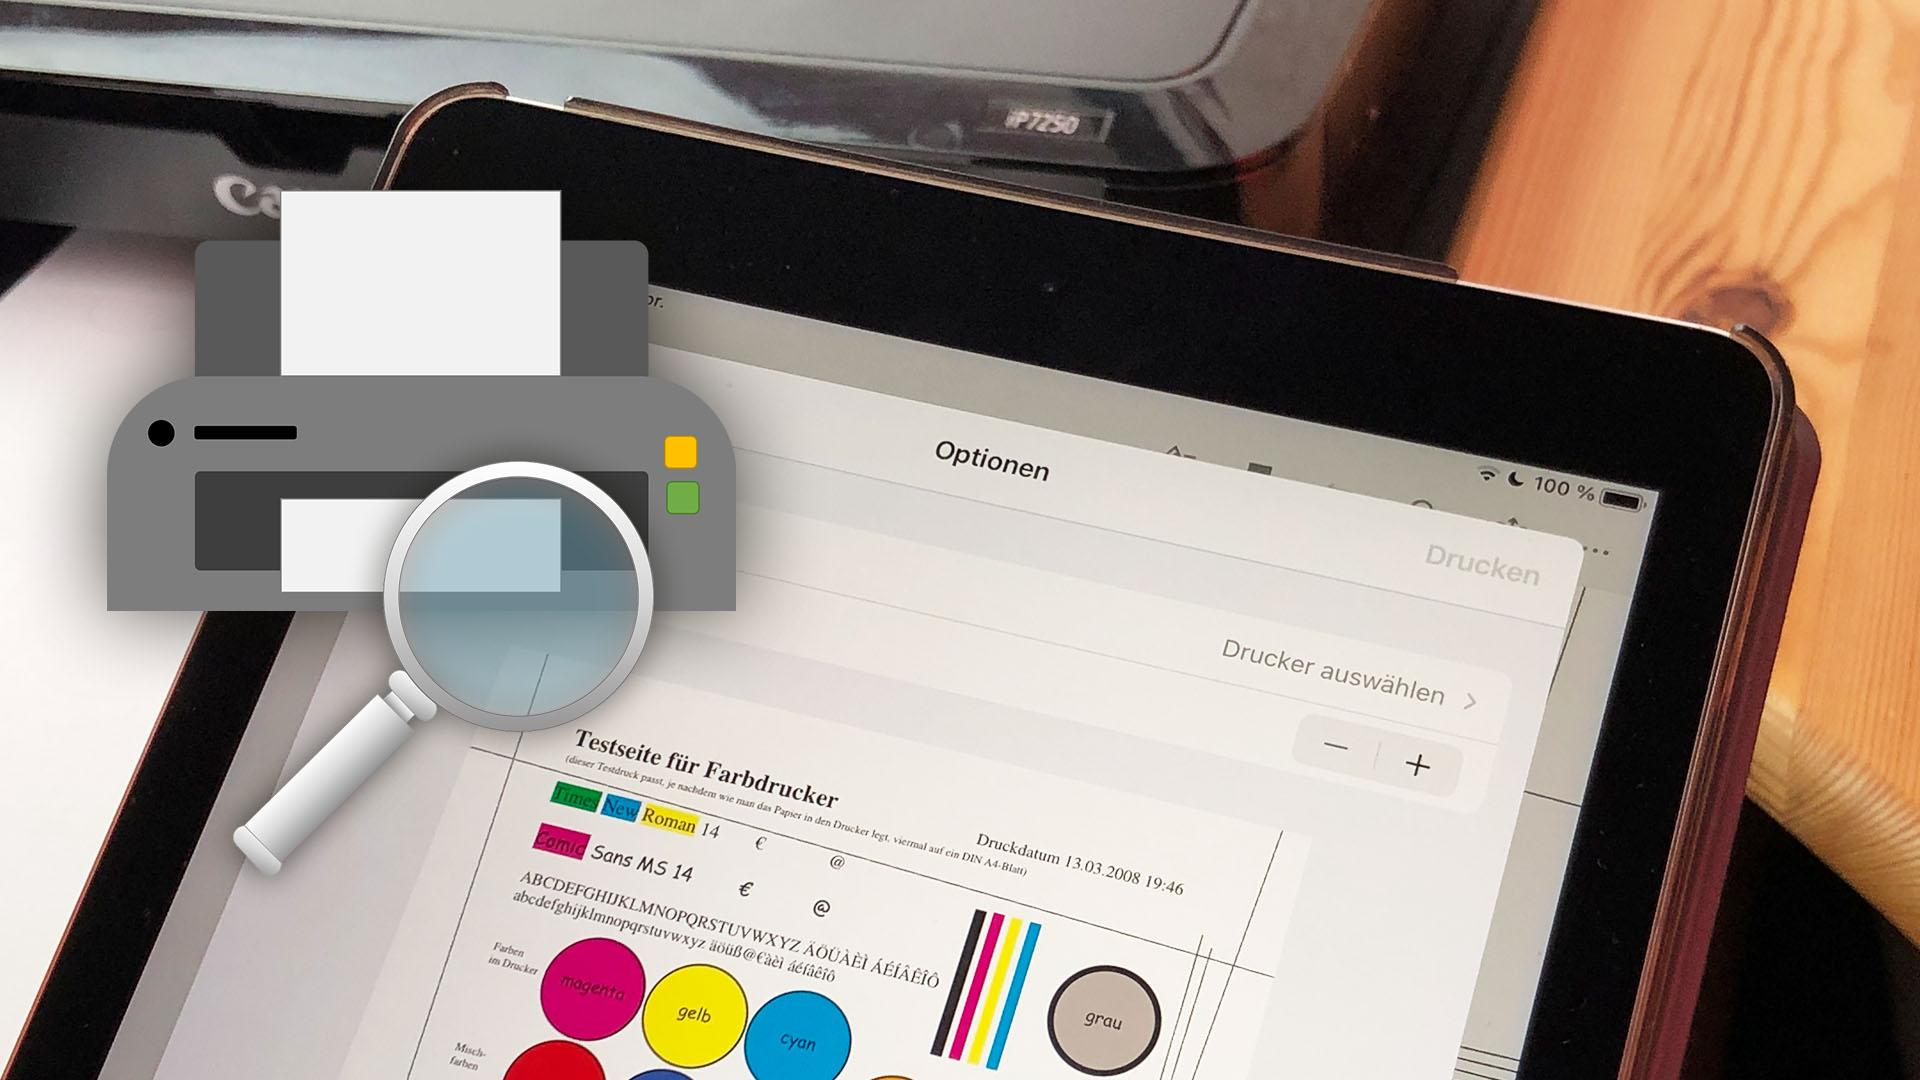 iPad findet AirPrint-Drucker nicht - was tun?